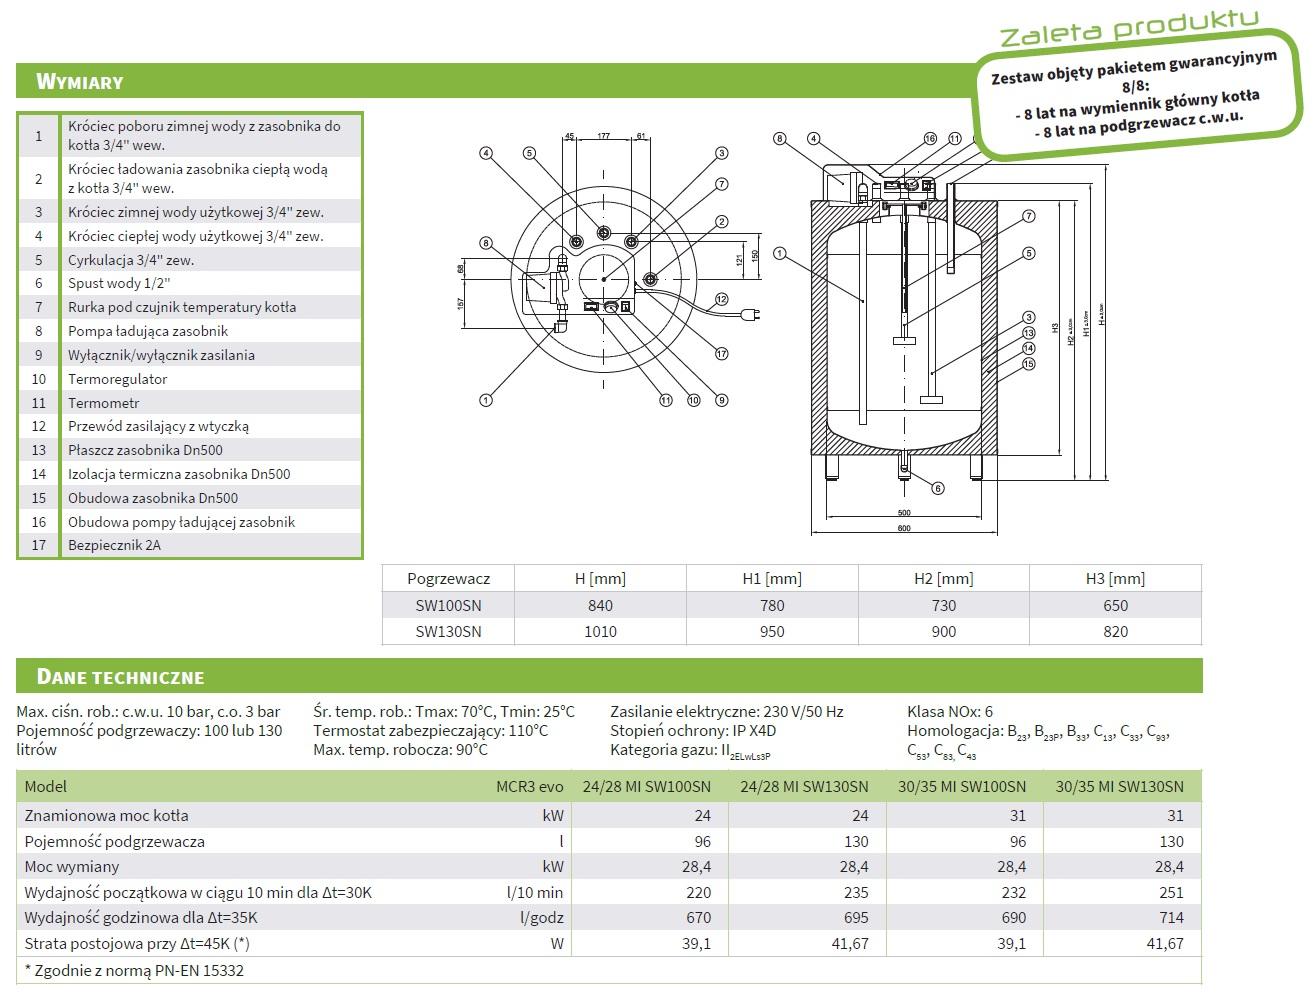 Dane techniczne Ce Dietrich MCR3 EVO 24/28(30/35)MI/SW100(130)SN